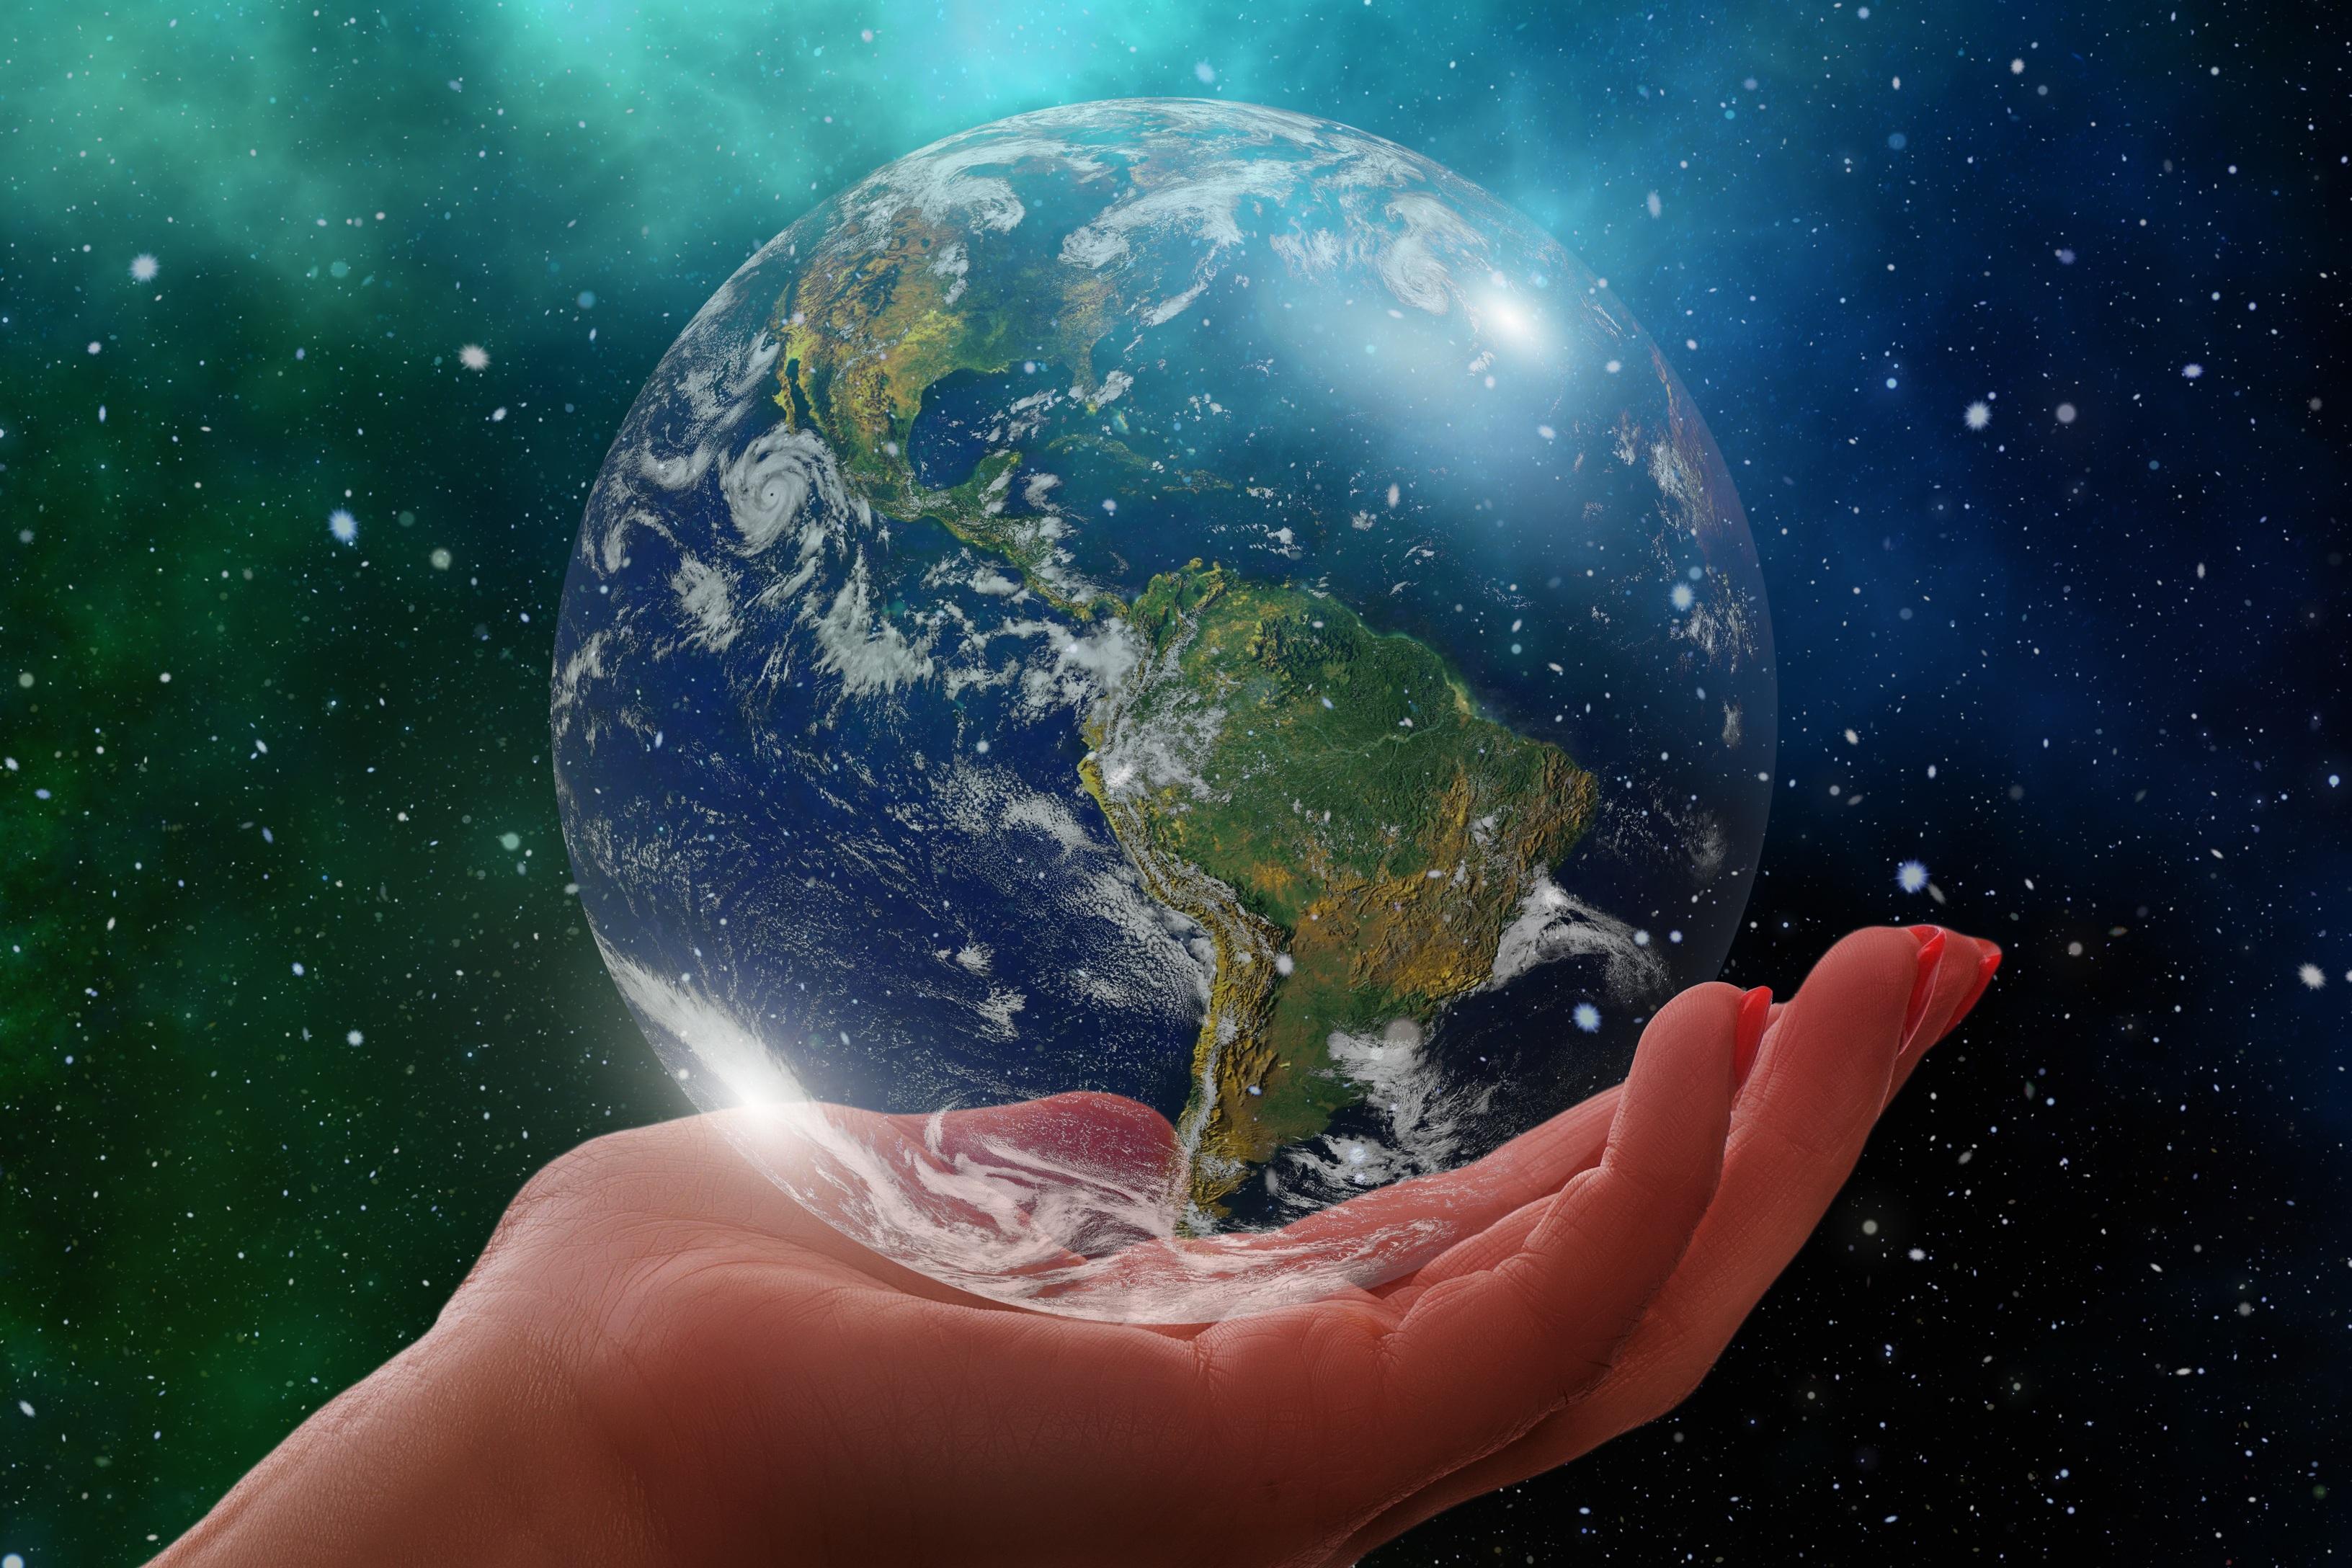 Картинки земли Планеты глобусом South America рука вблизи Земля планета Глобус глобусы Руки Крупным планом